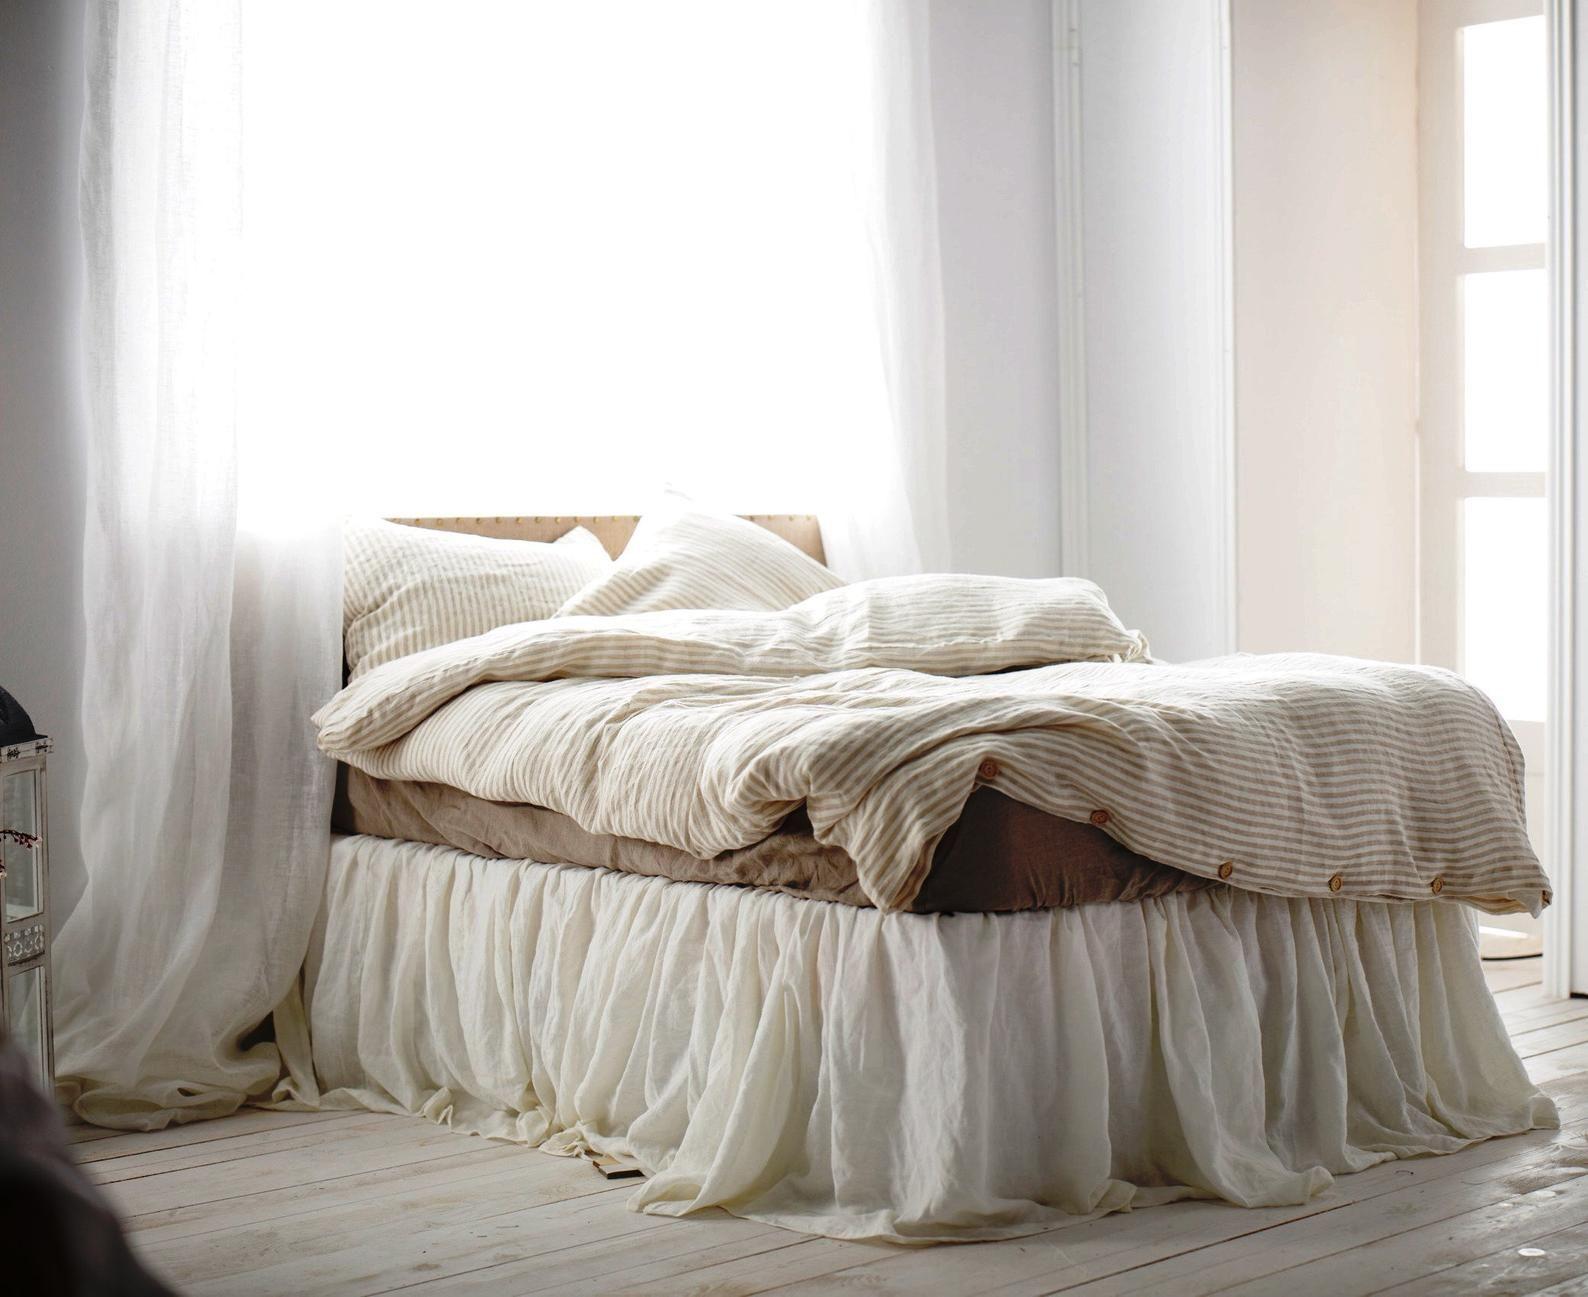 Linen Bed Skirt Ruffled Bedskirt Queen Size Linen Bedding Handmade Bedskirt Choose The Drop Morning Sun Bed Bedskirt Linen Bedding